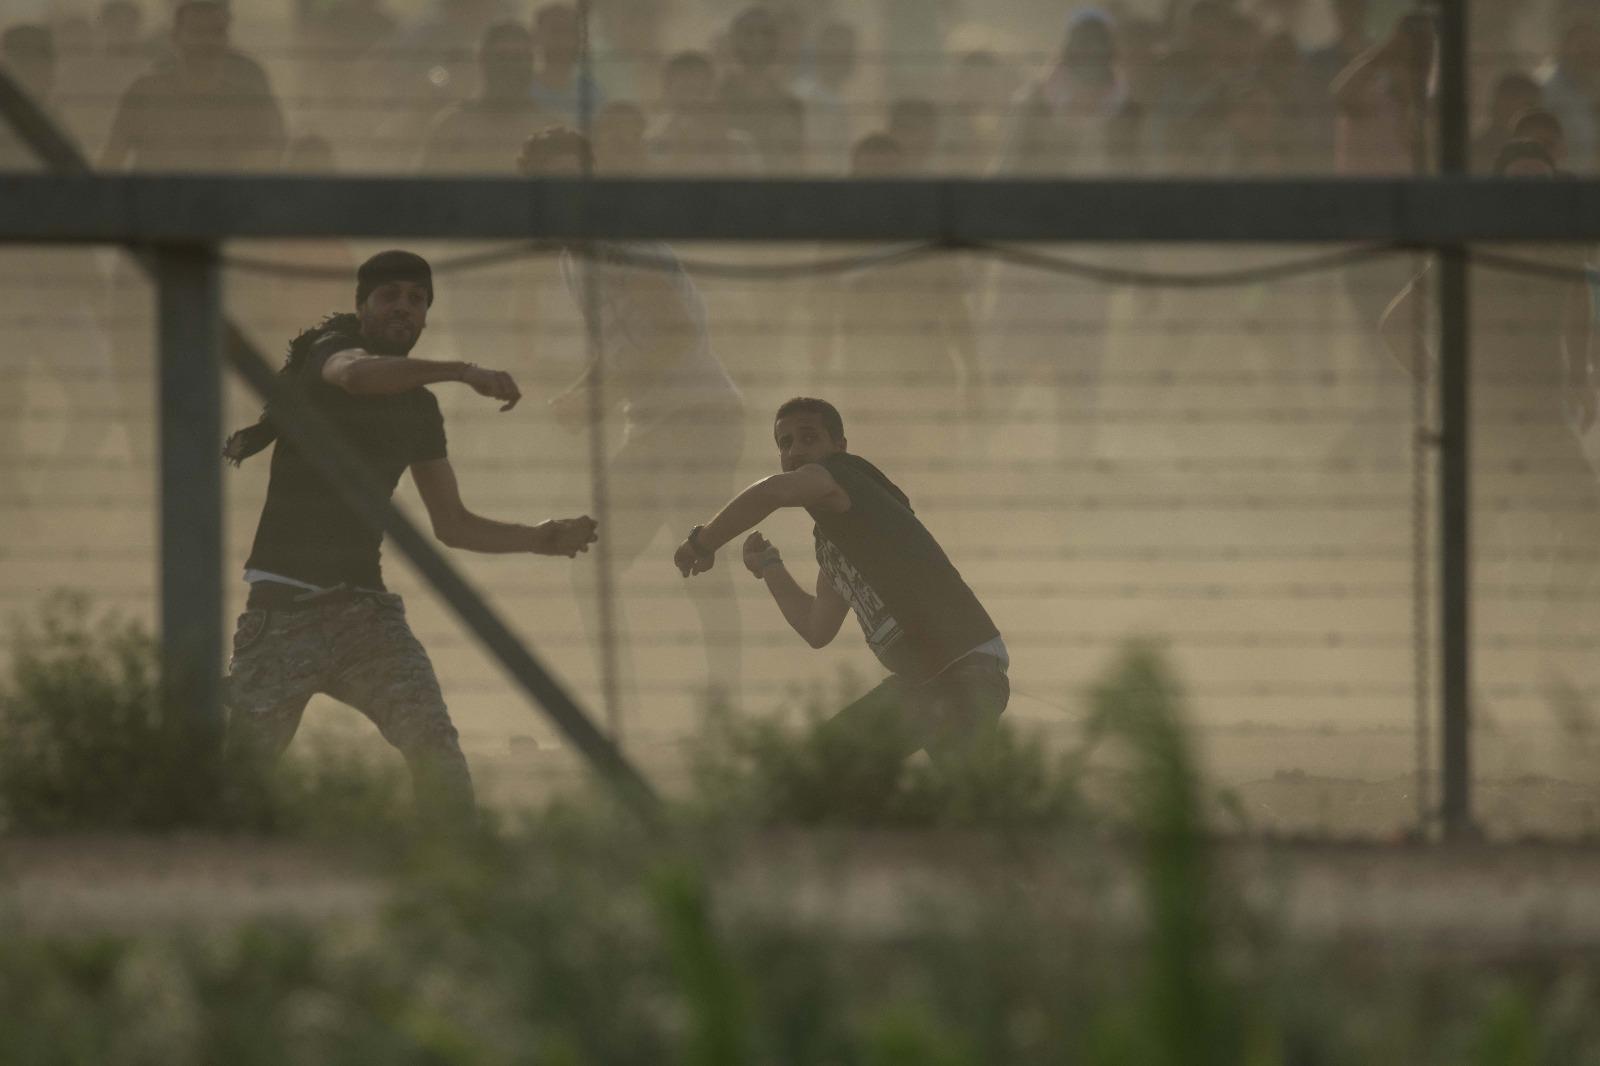 Intercambio de ataques entre el Ejército israelí y Hamás